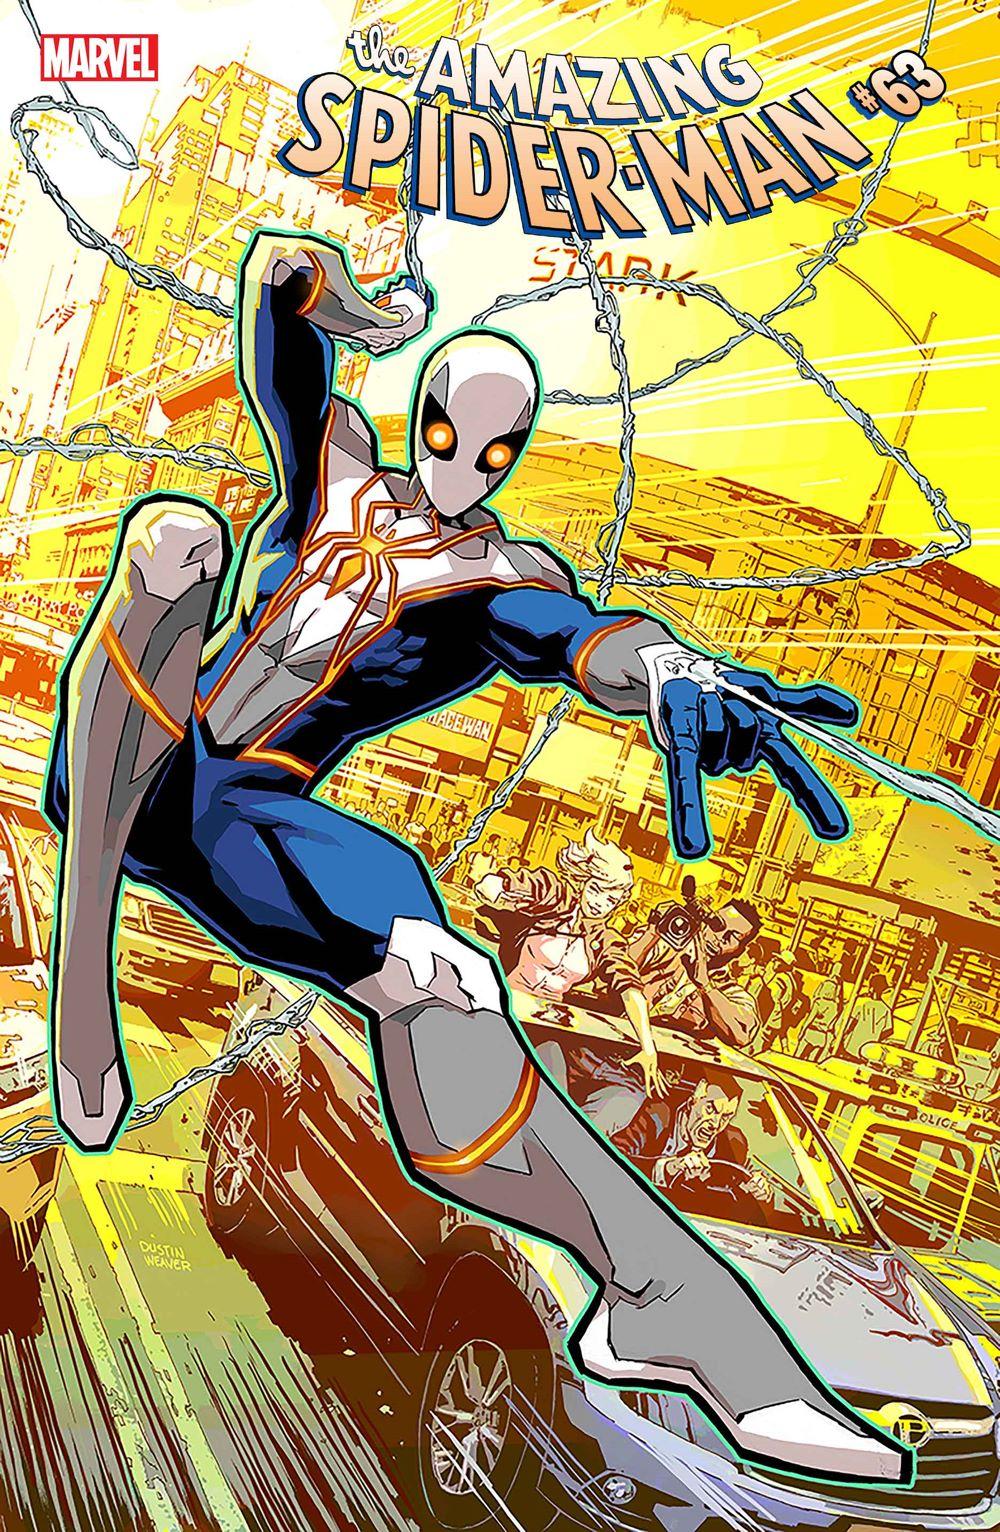 ASM2018063_VAR Marvel reveals Dustin Weaver's new Spider-Man costume